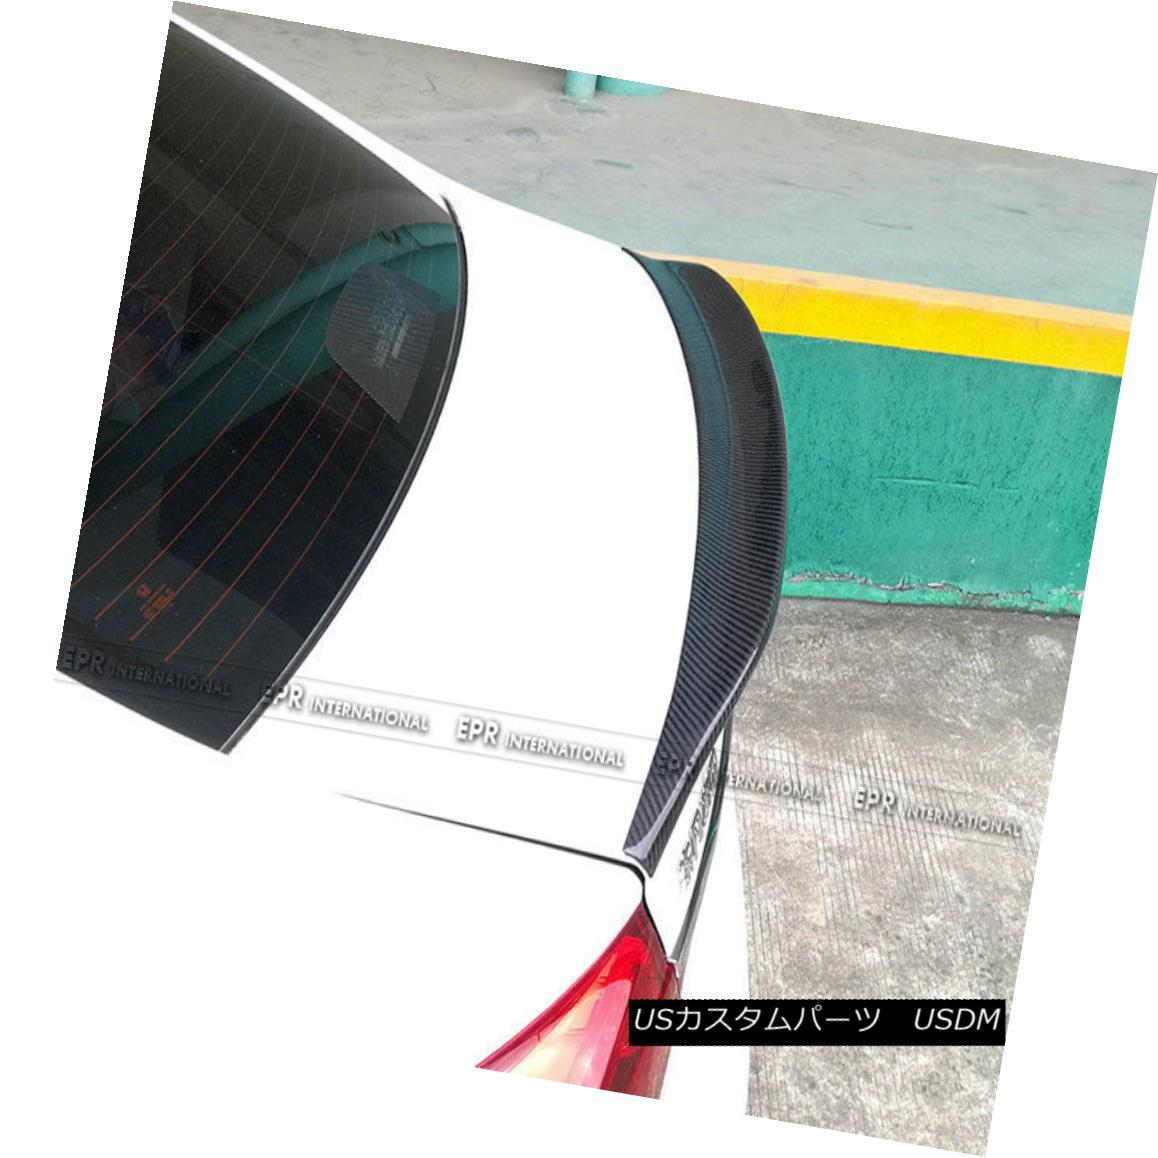 エアロパーツ For Hyundai 9th Gen Sonata LF Rear Ducktail Boot Lip Spoiler Wing Carbon Fiber 現代第9世代ソナタLFリアダックテイルブーツリップスポイラーウィングカーボンファイバー